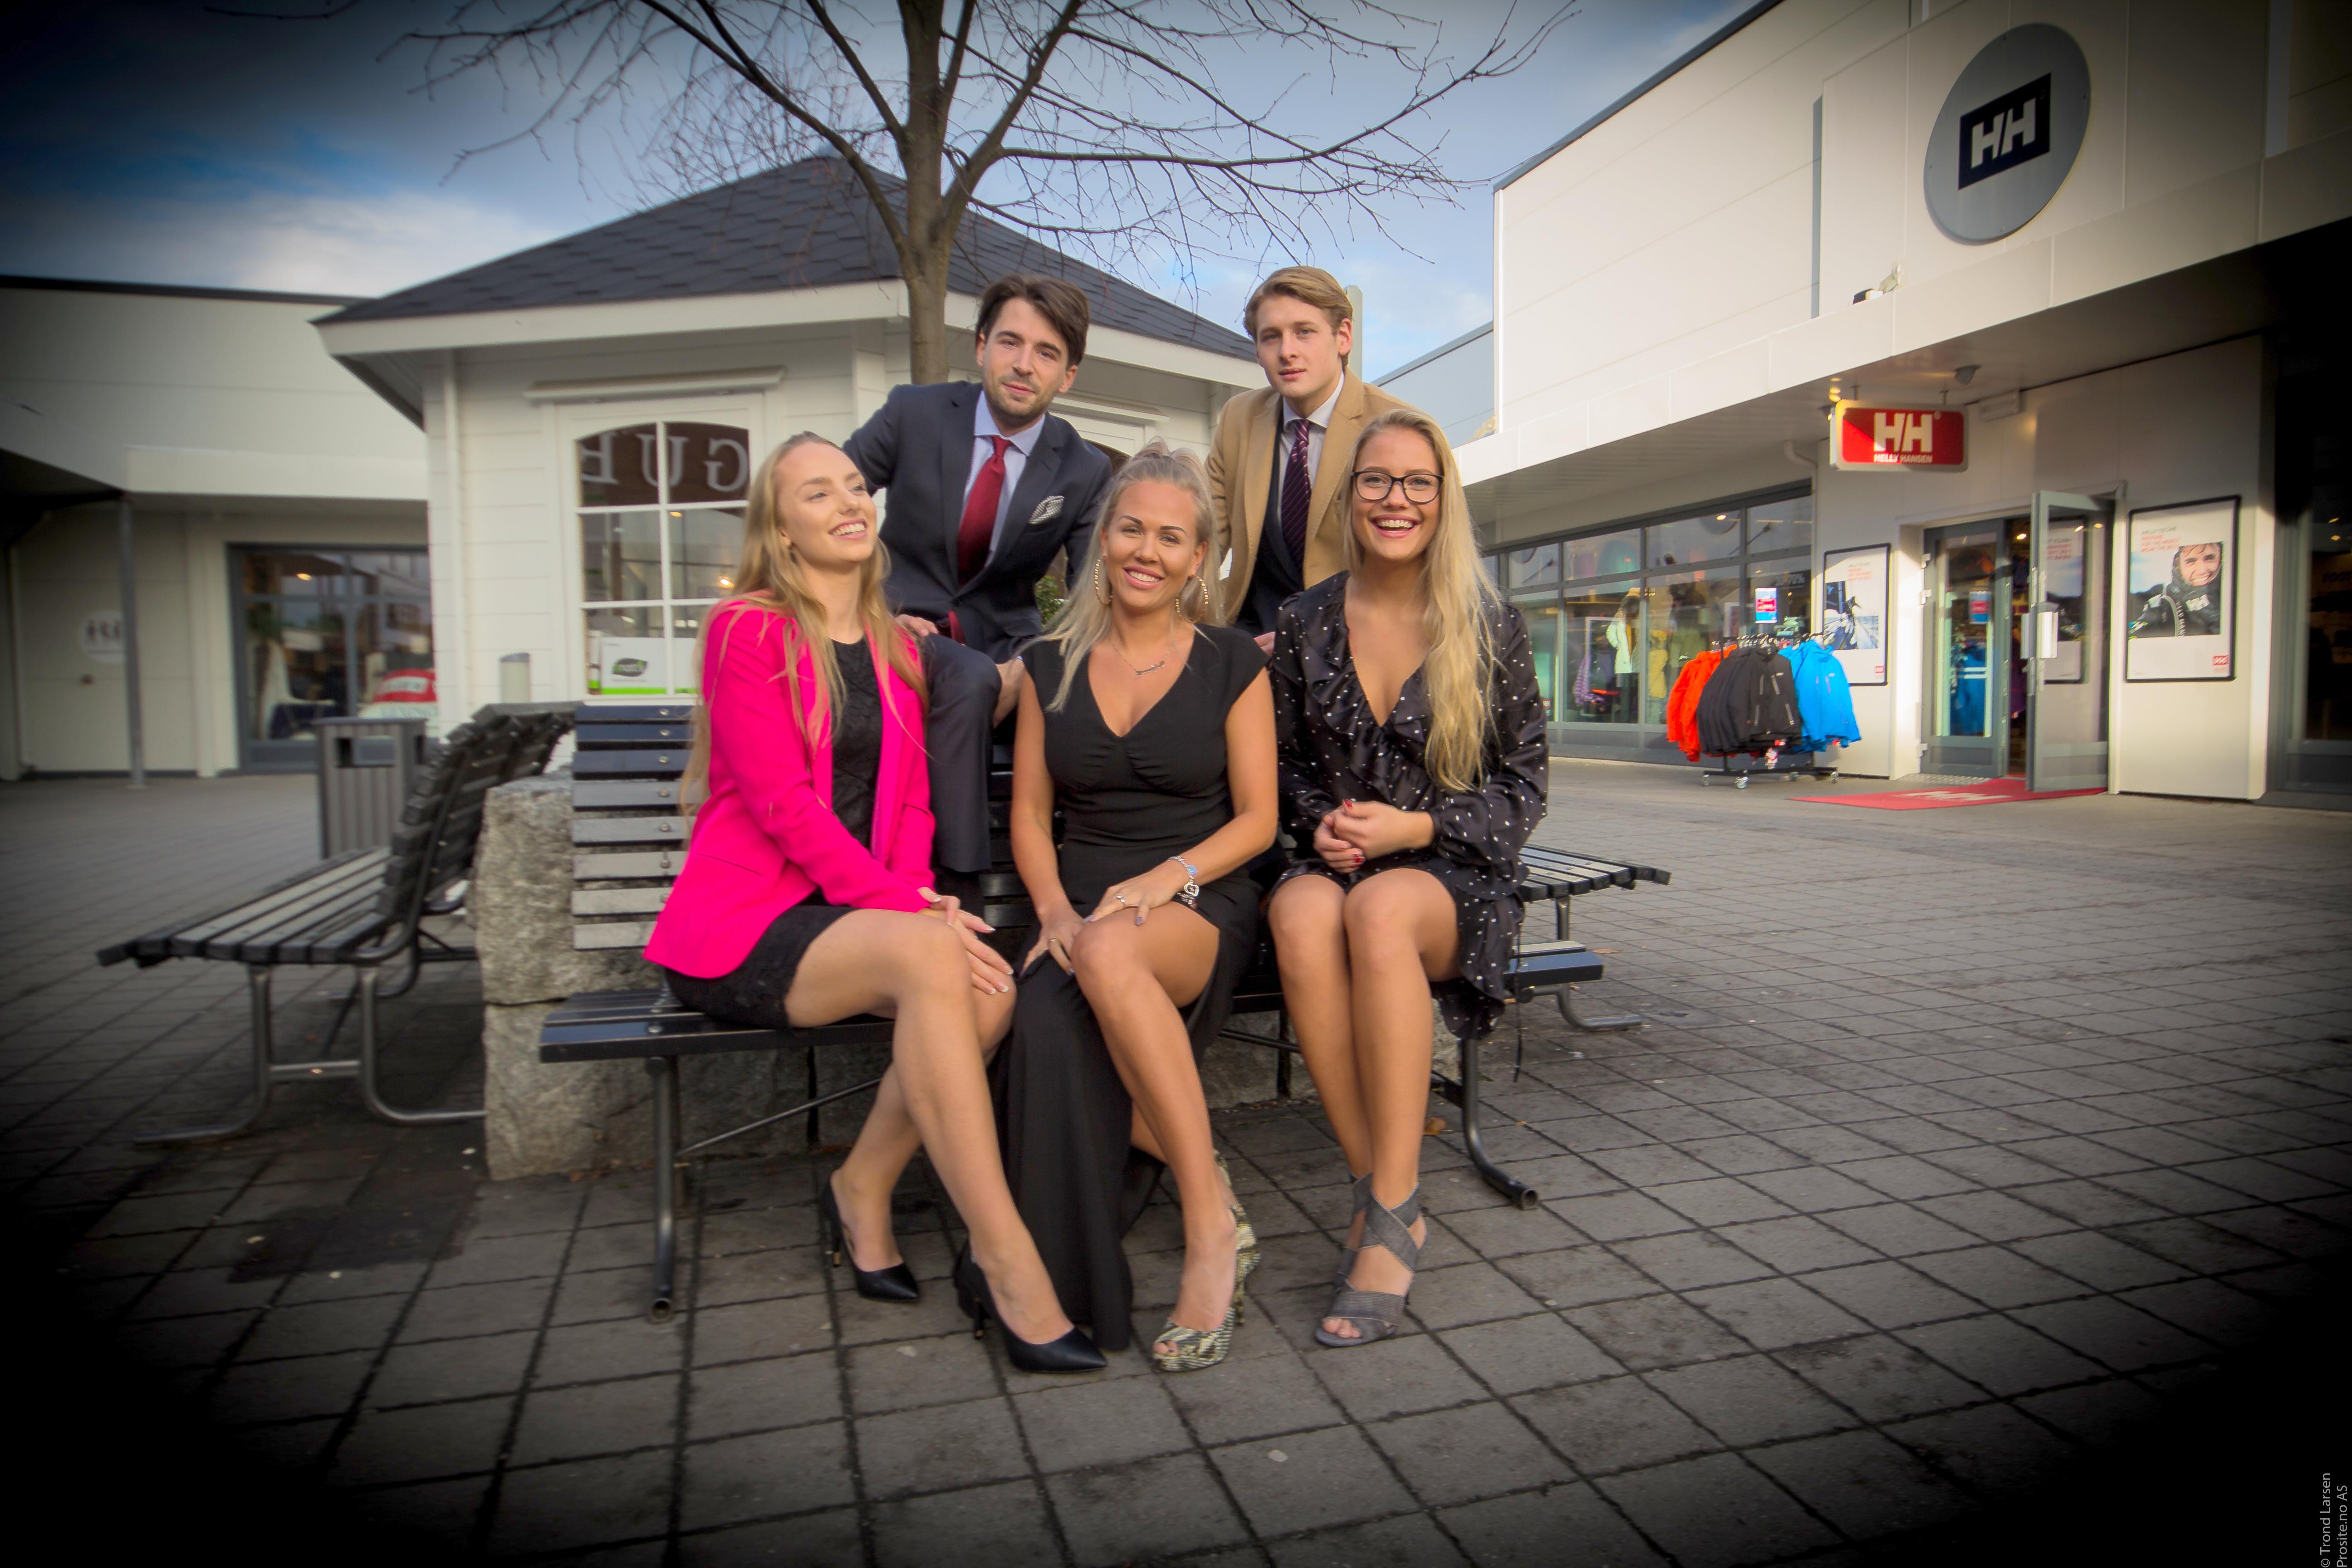 Oppstilling. Tre unge damer sitter på en benk, to unge menn står bak dem